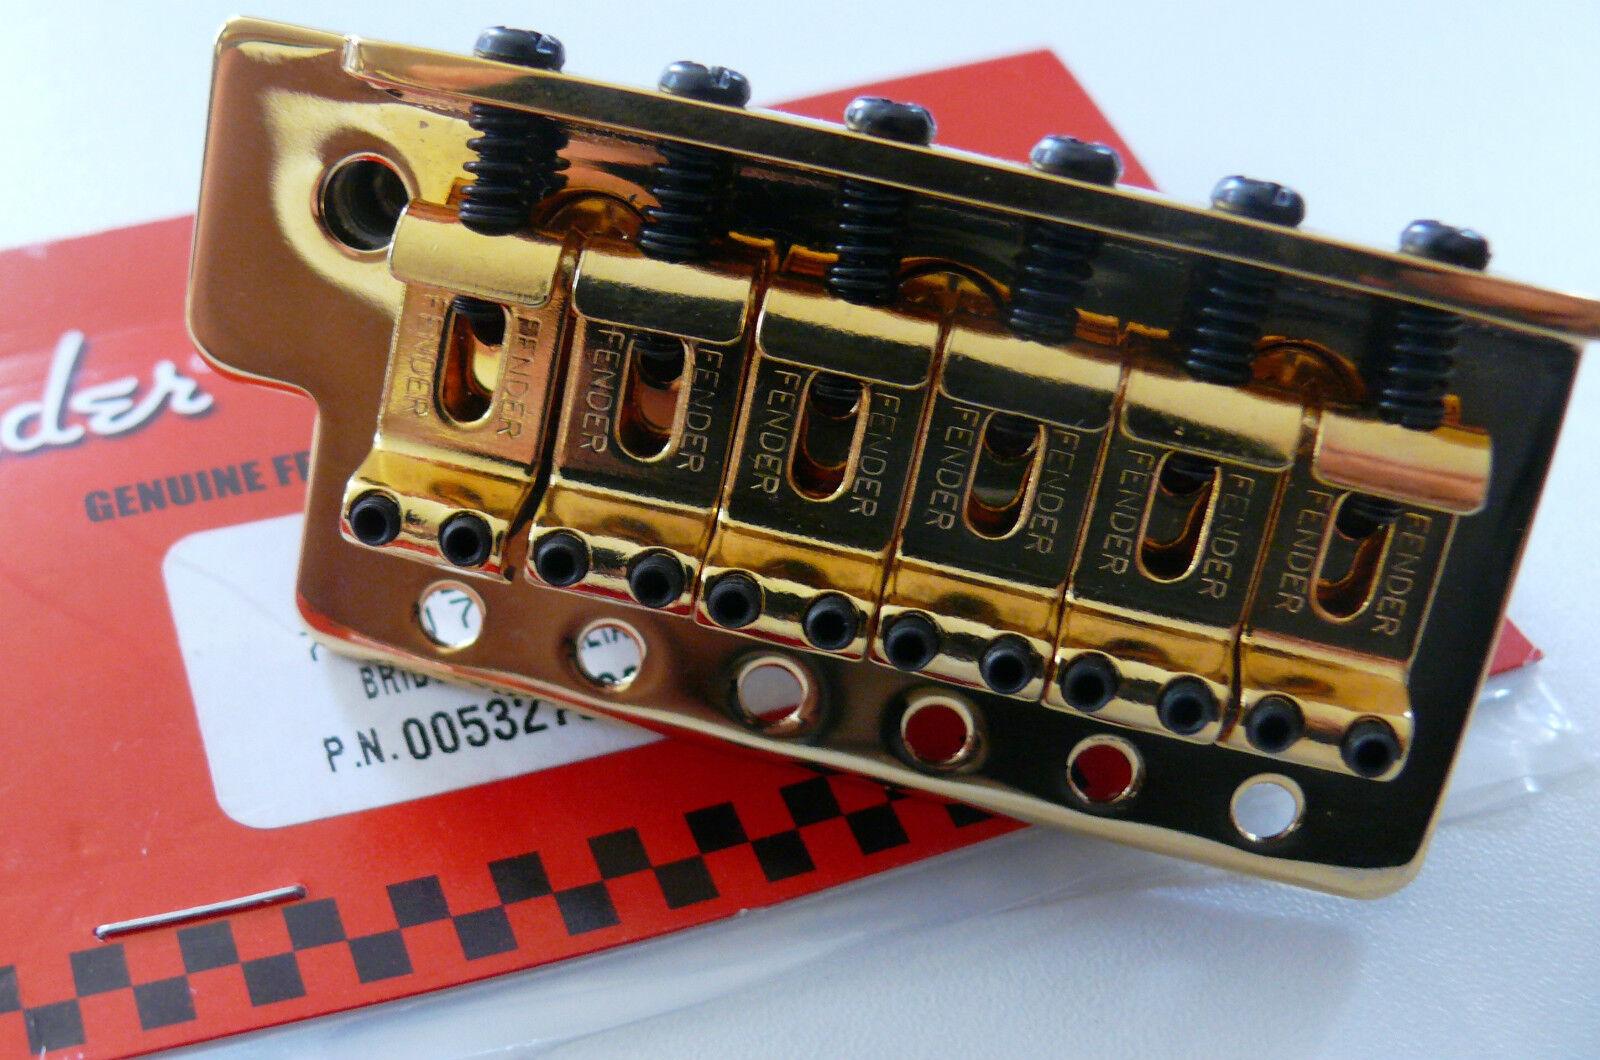 NEW Bridge FENDER STRATOCASTER 0059561000 MIM -Gold- pour guitare